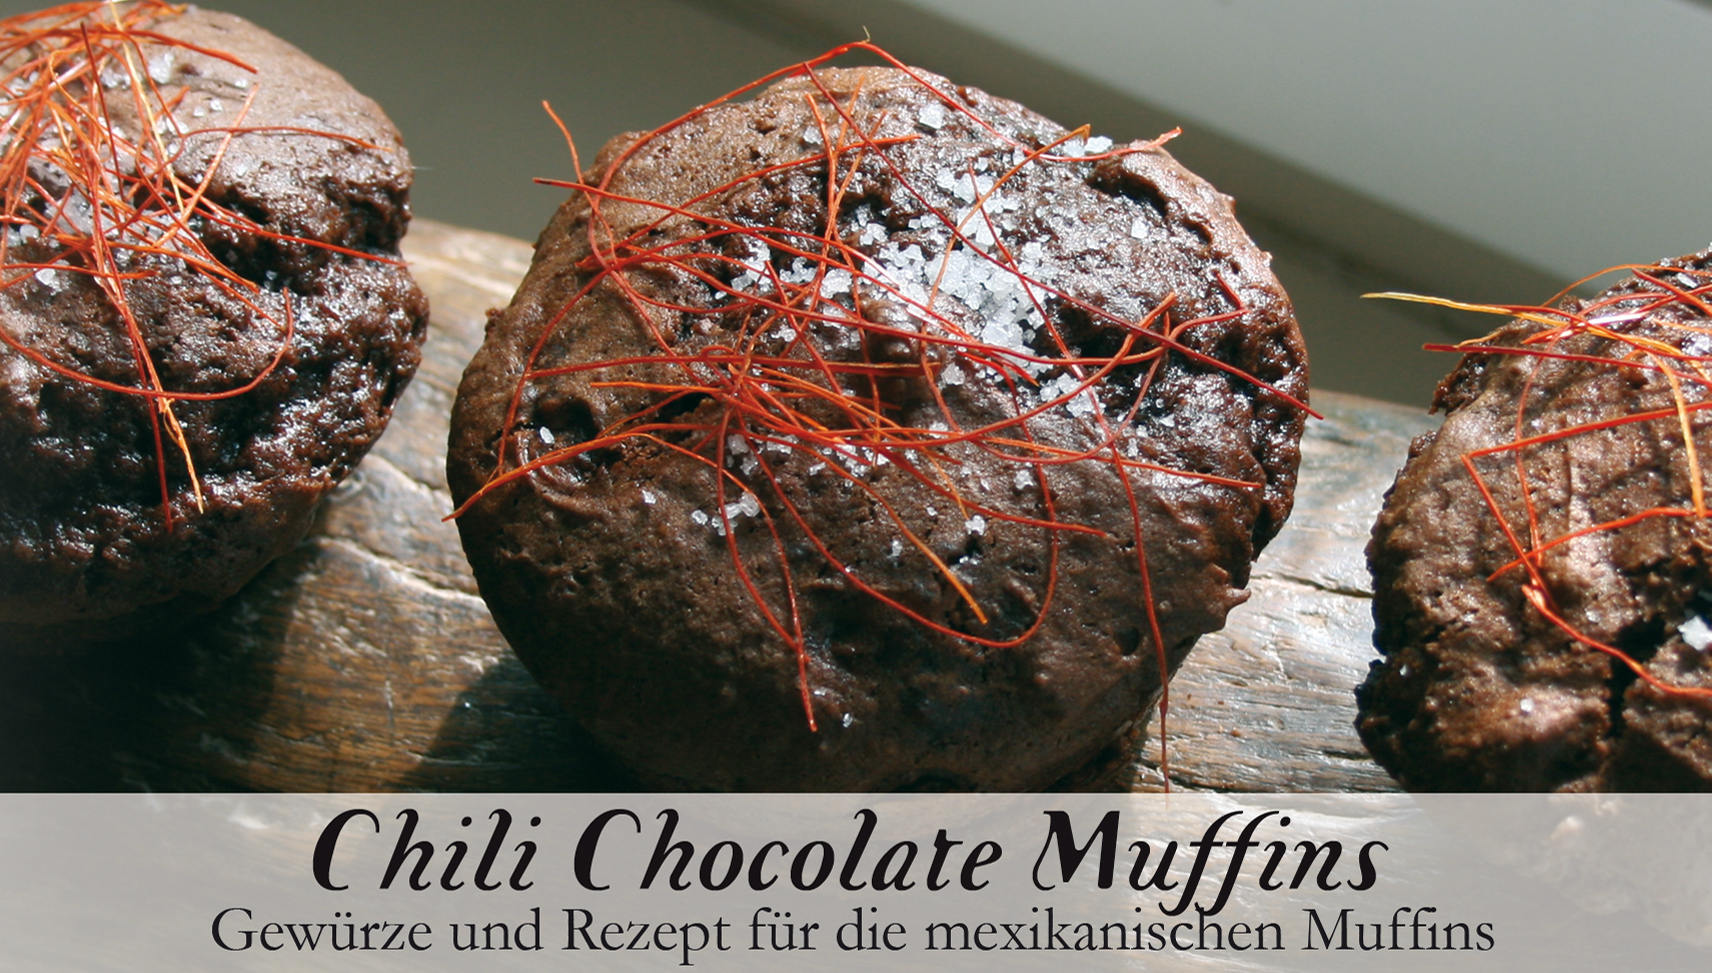 Chilli Chocolate Muffins-Gewürzkasten